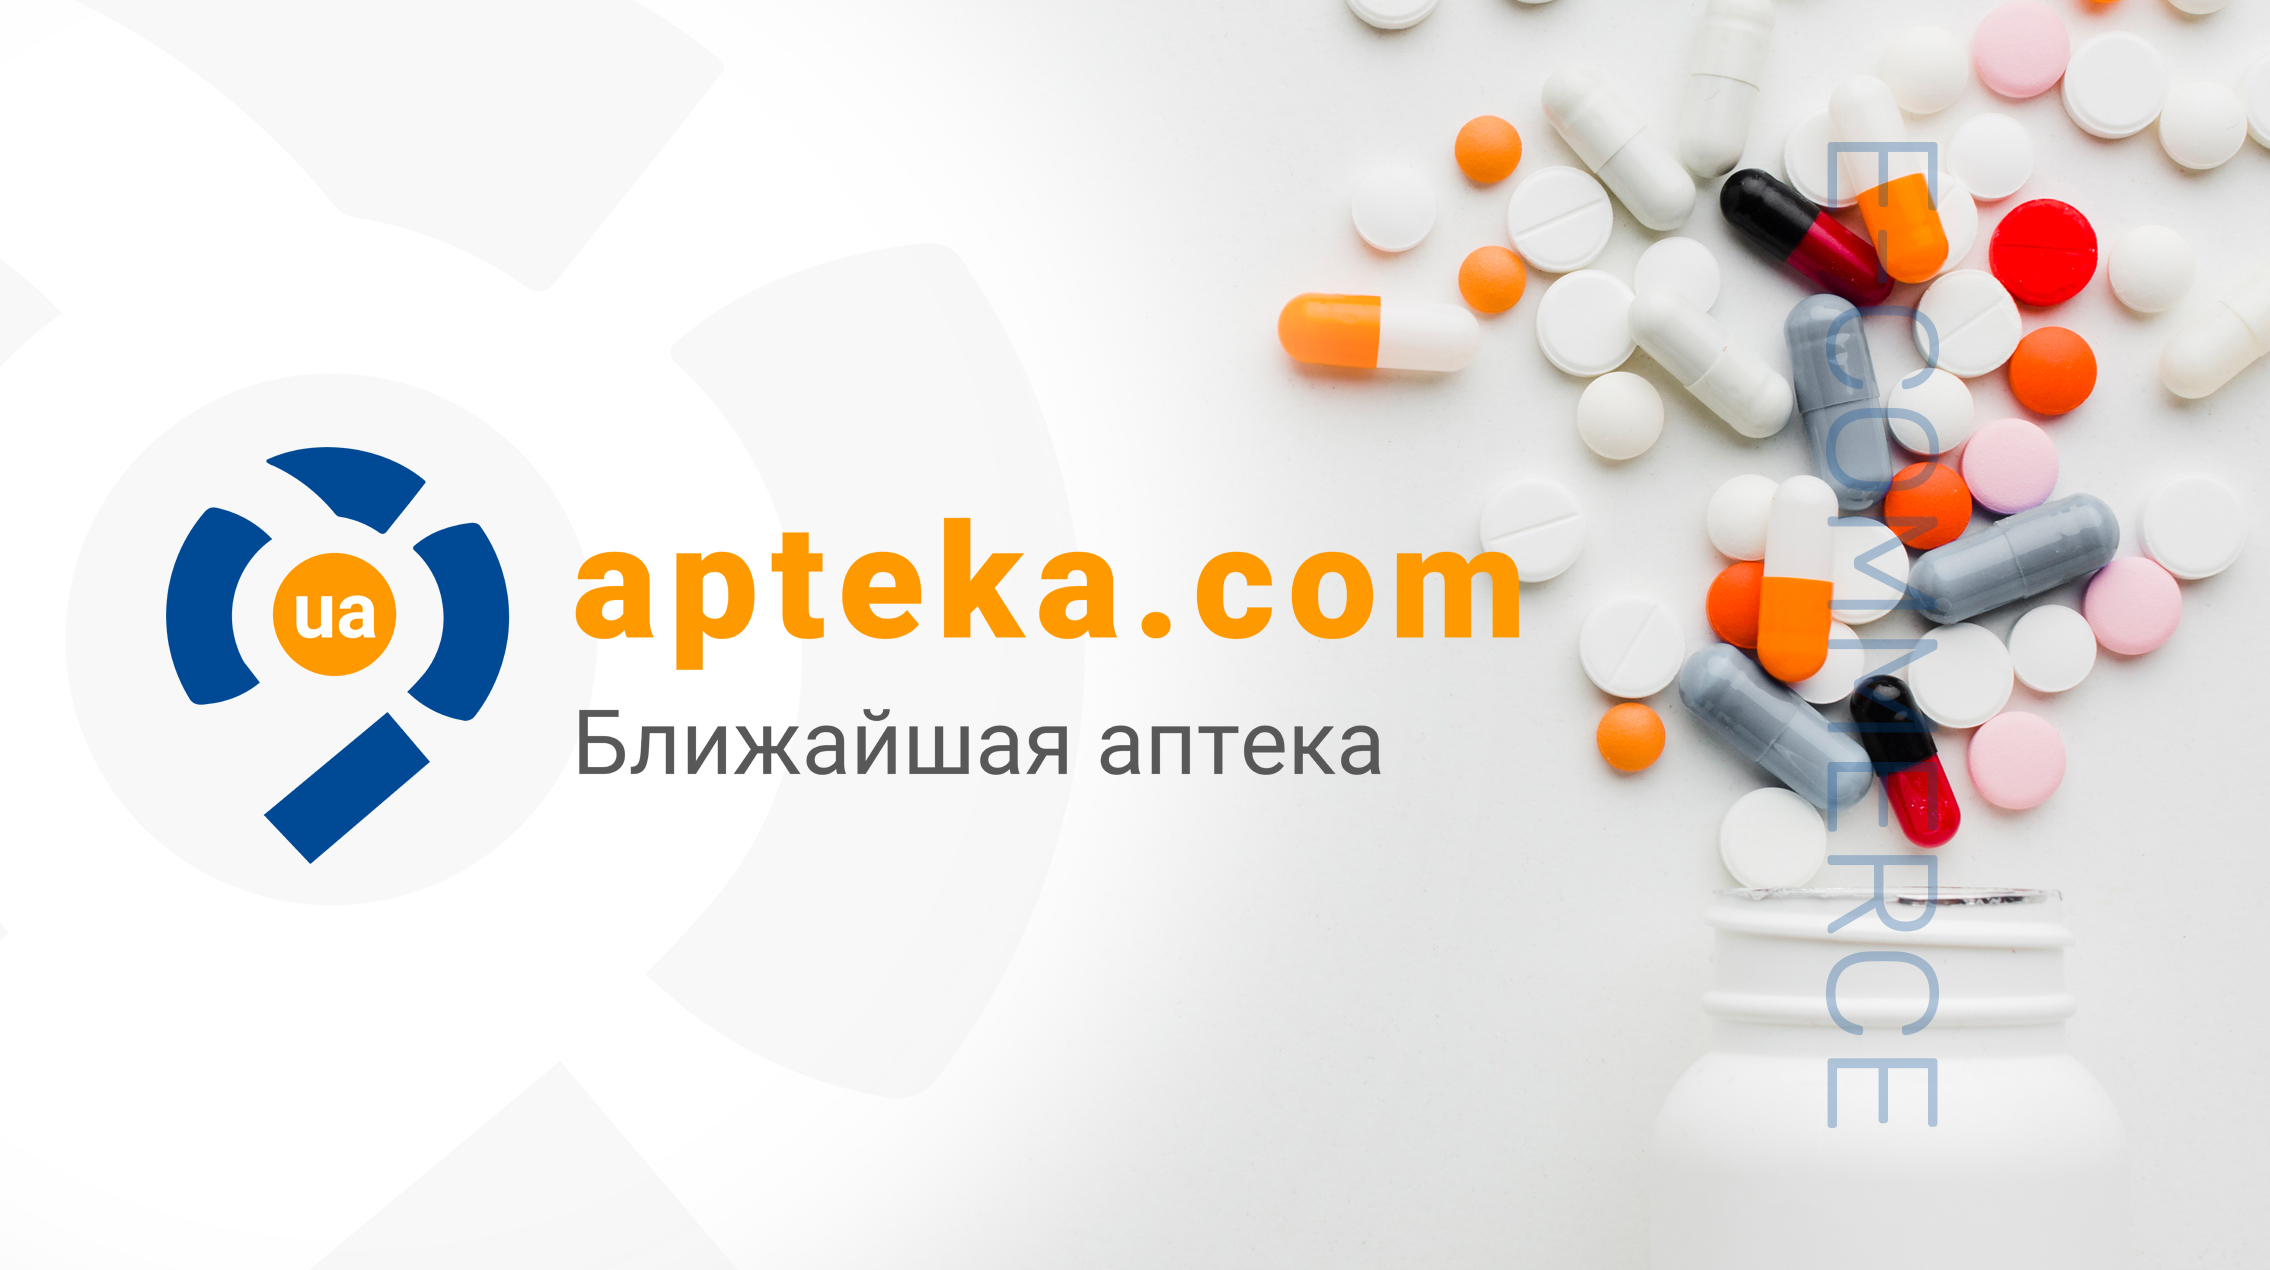 Создание интернет магазина Apteka.com